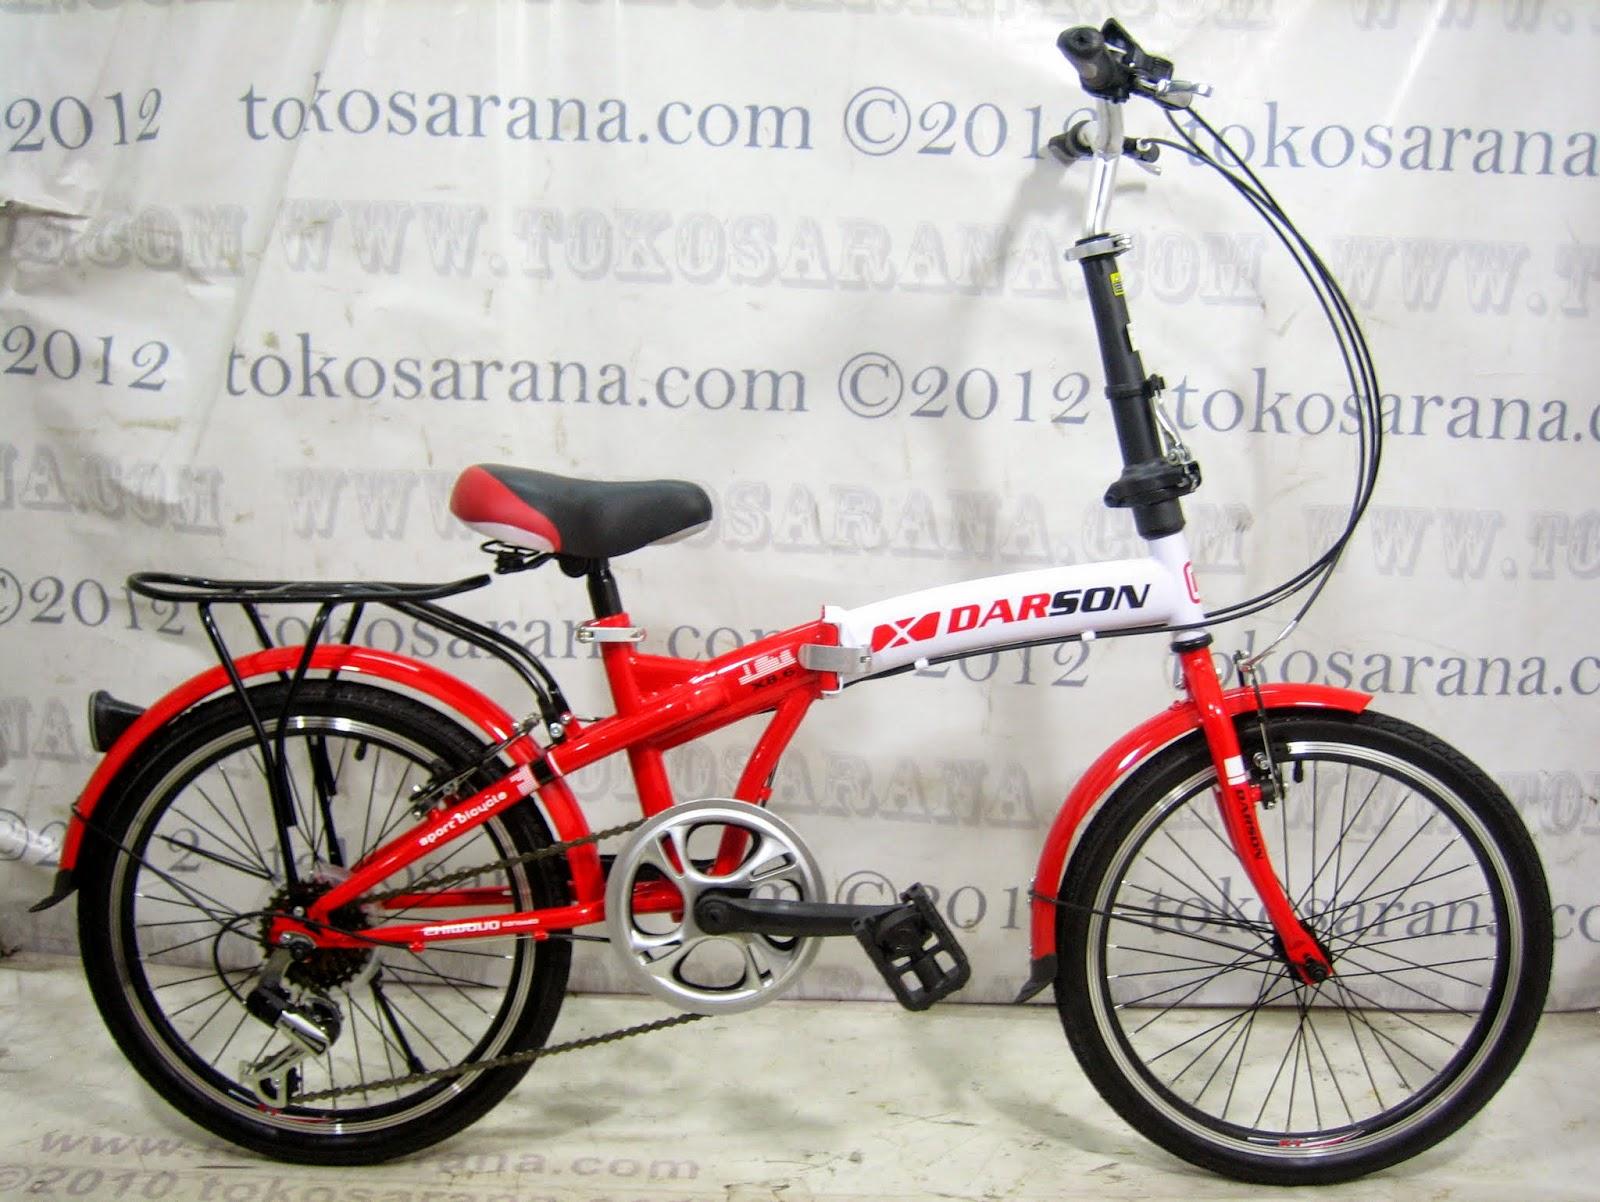 TokosaranaTMJakarta Jatinegara Sepeda Lipat Darson 20 2026